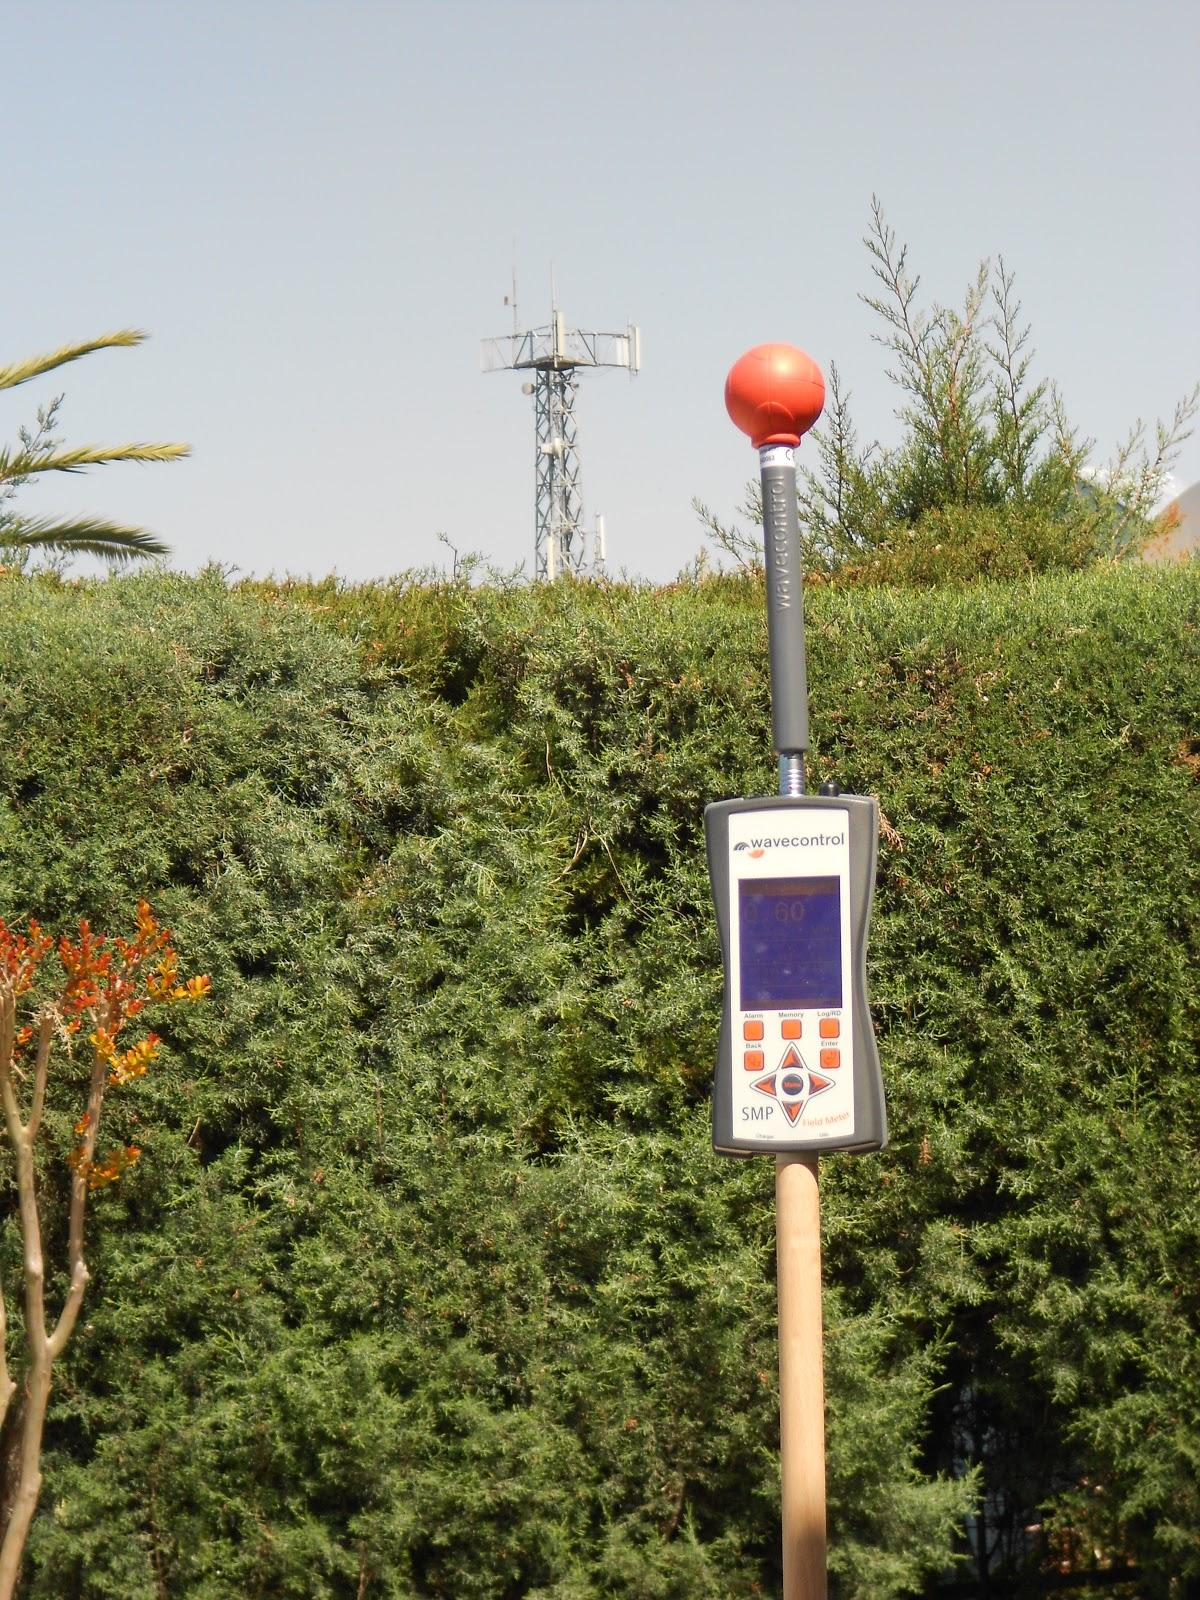 Arazi ölçümü nedir ve nasıl uygulanır